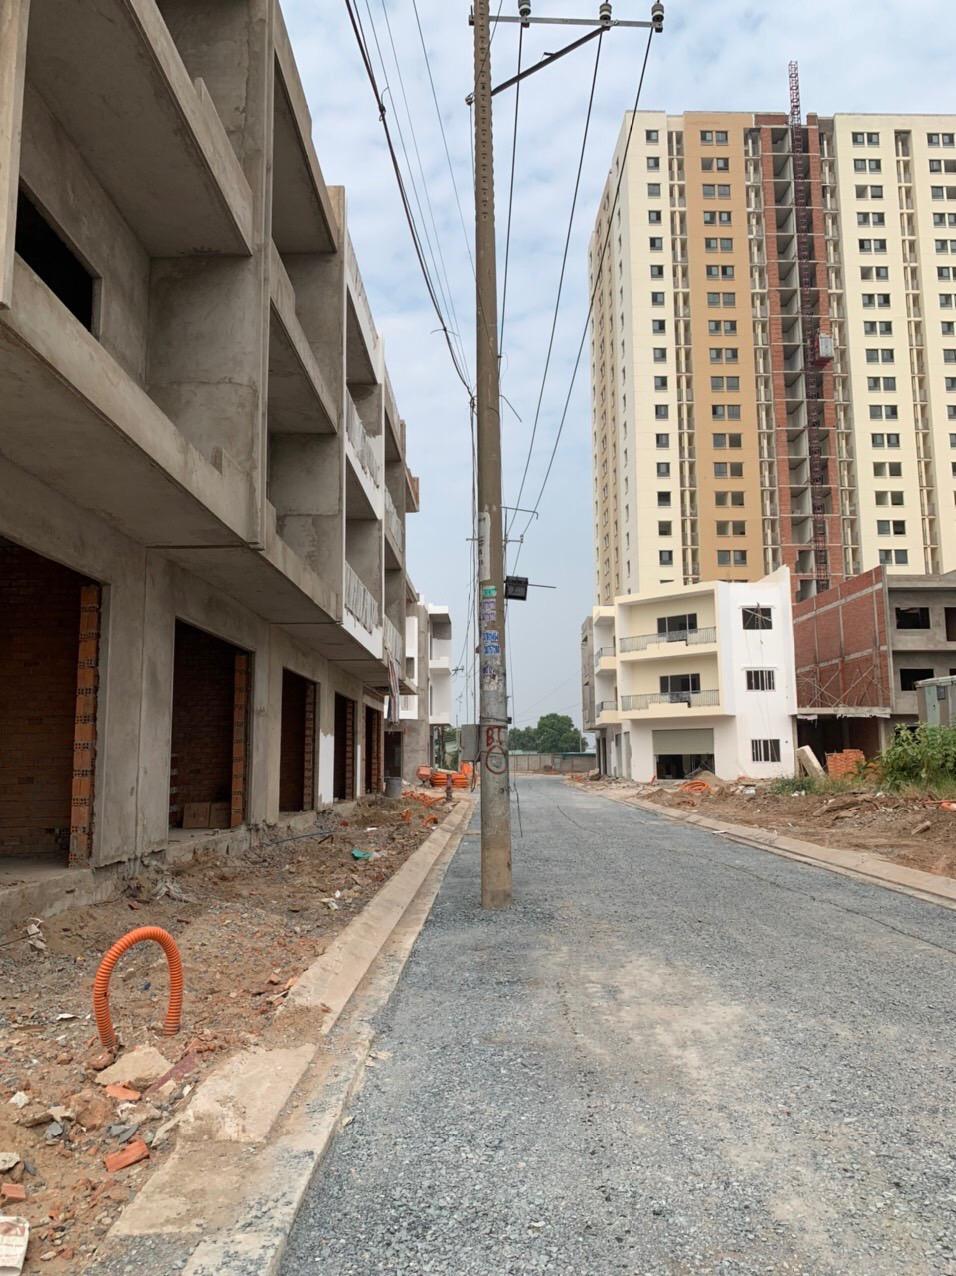 Chủ đầu tư dự án Vĩnh Lộc Dgold hứa hỗ trợ tiền lãi suất vay ngân hàng cho khách hàng vì dự án chậm bàn giao